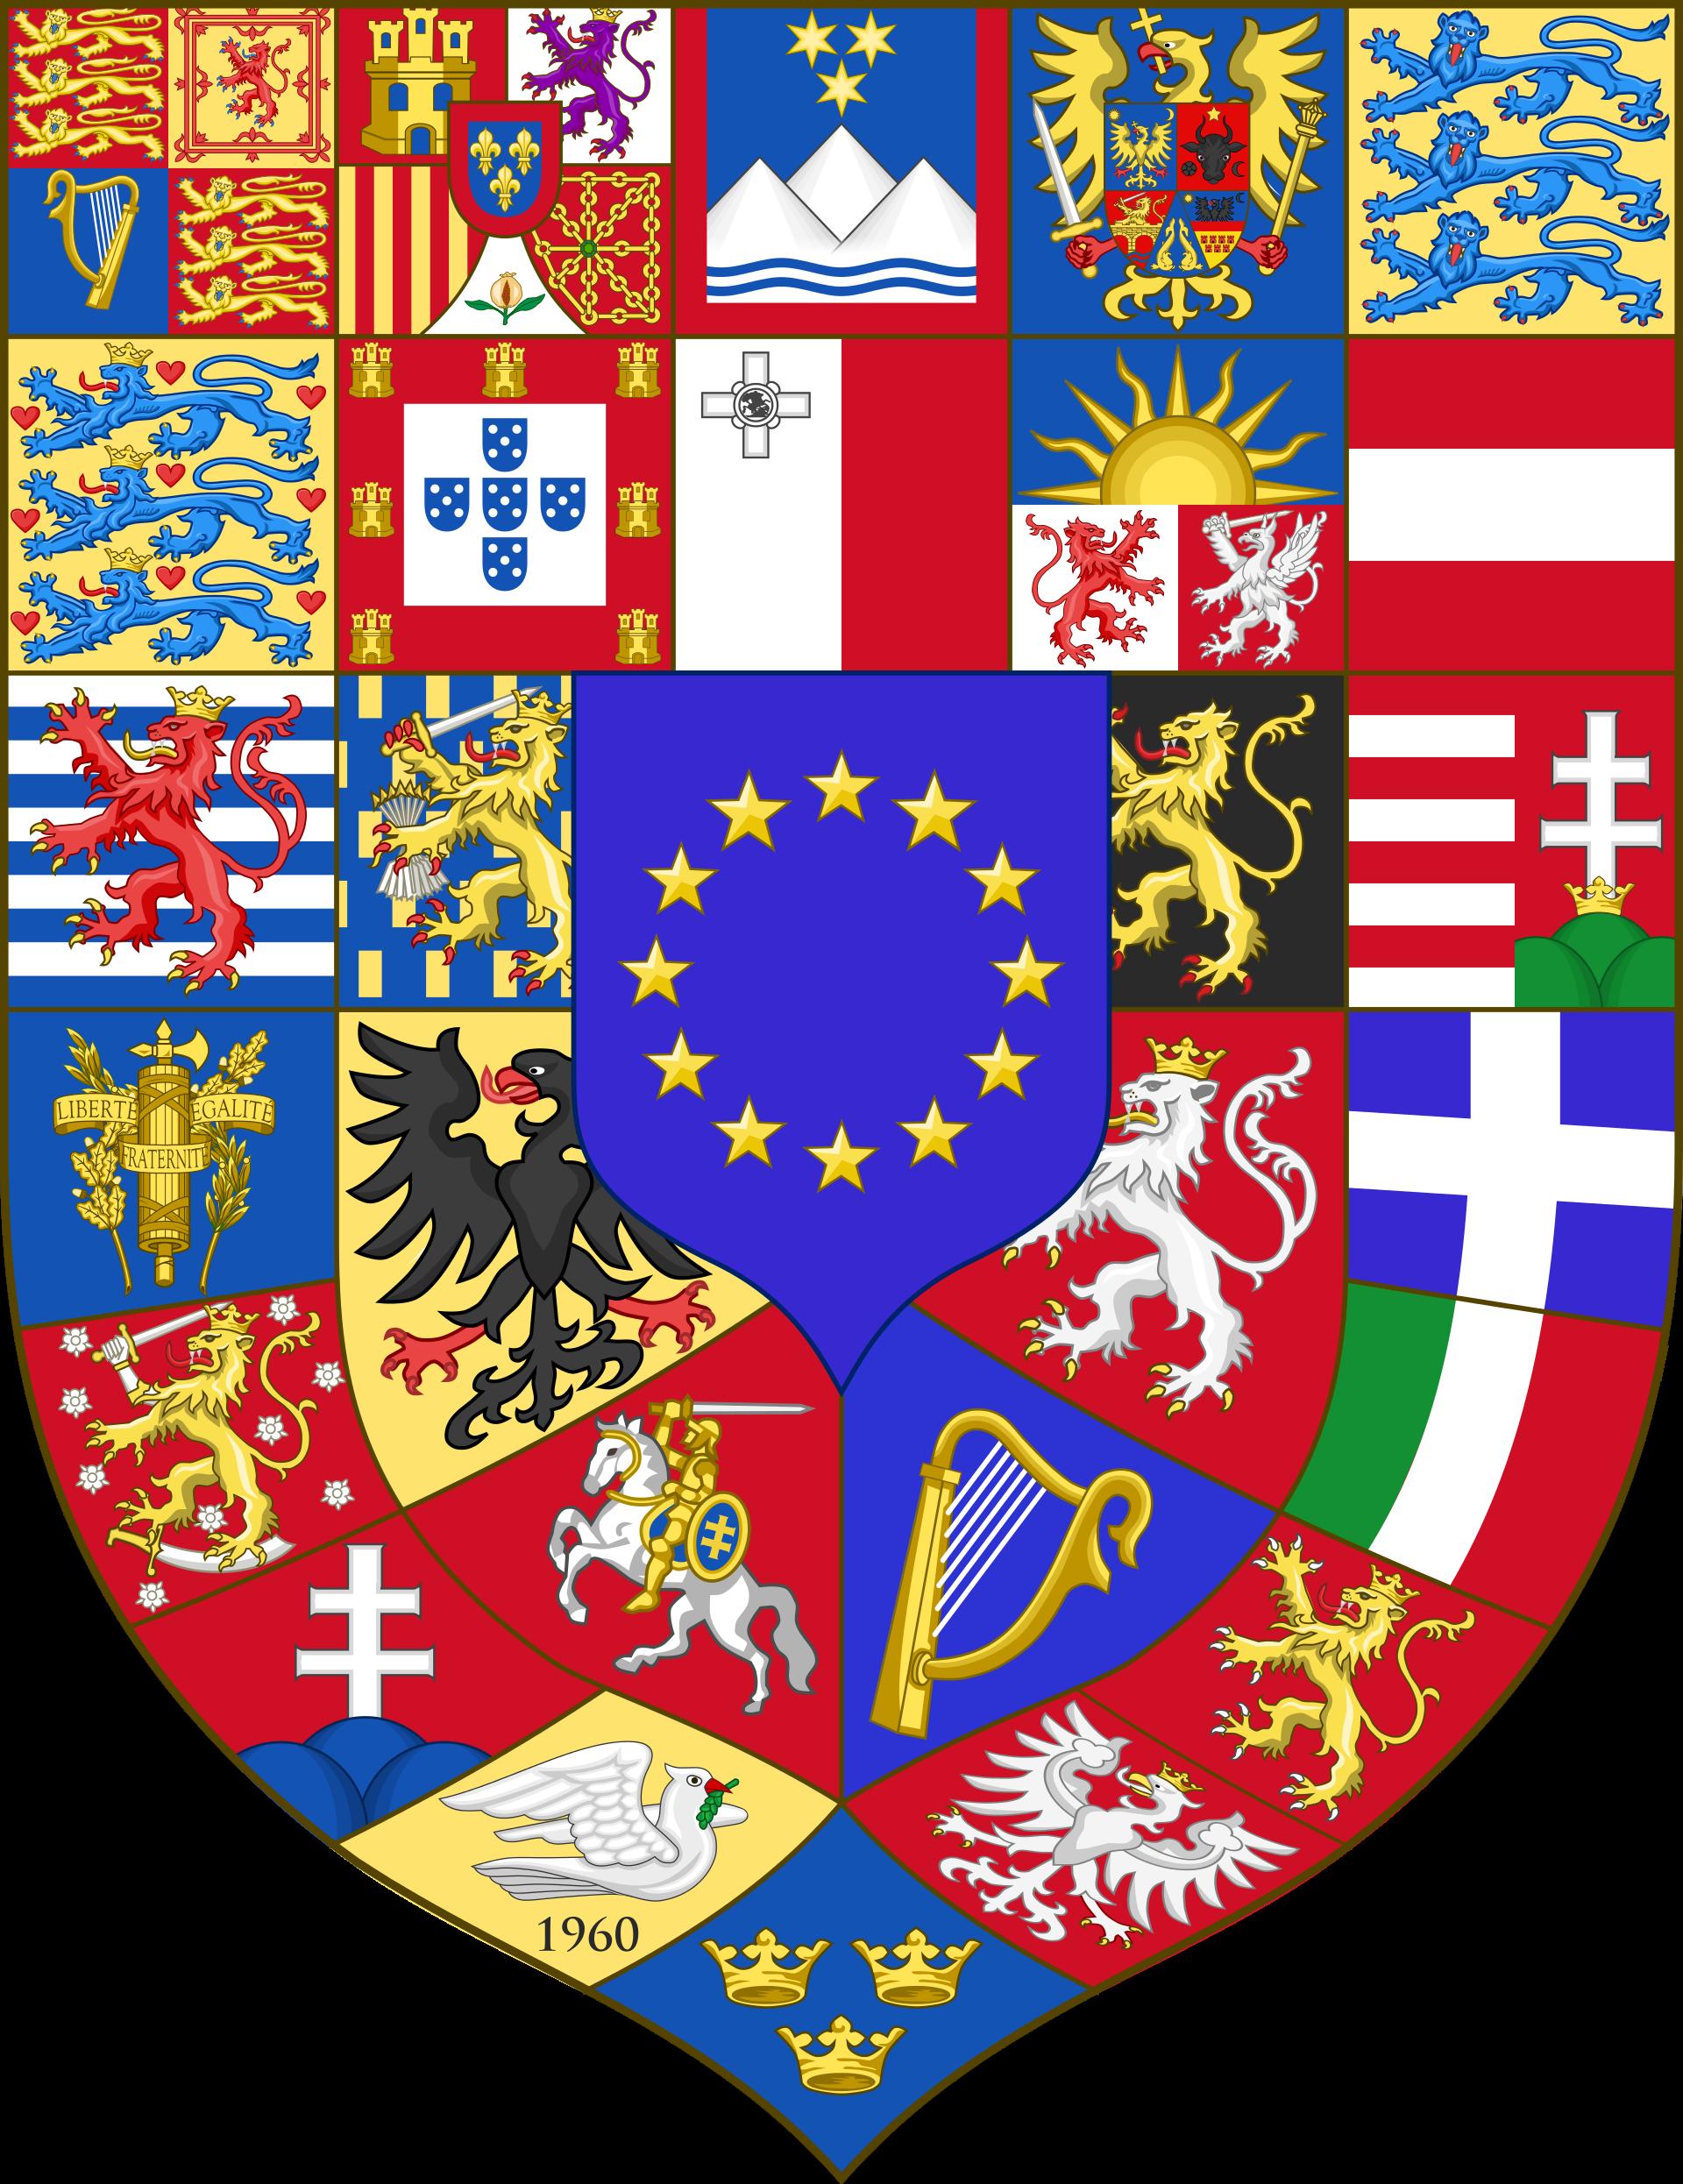 кокетничает картинки европейские гербы донором спермы для